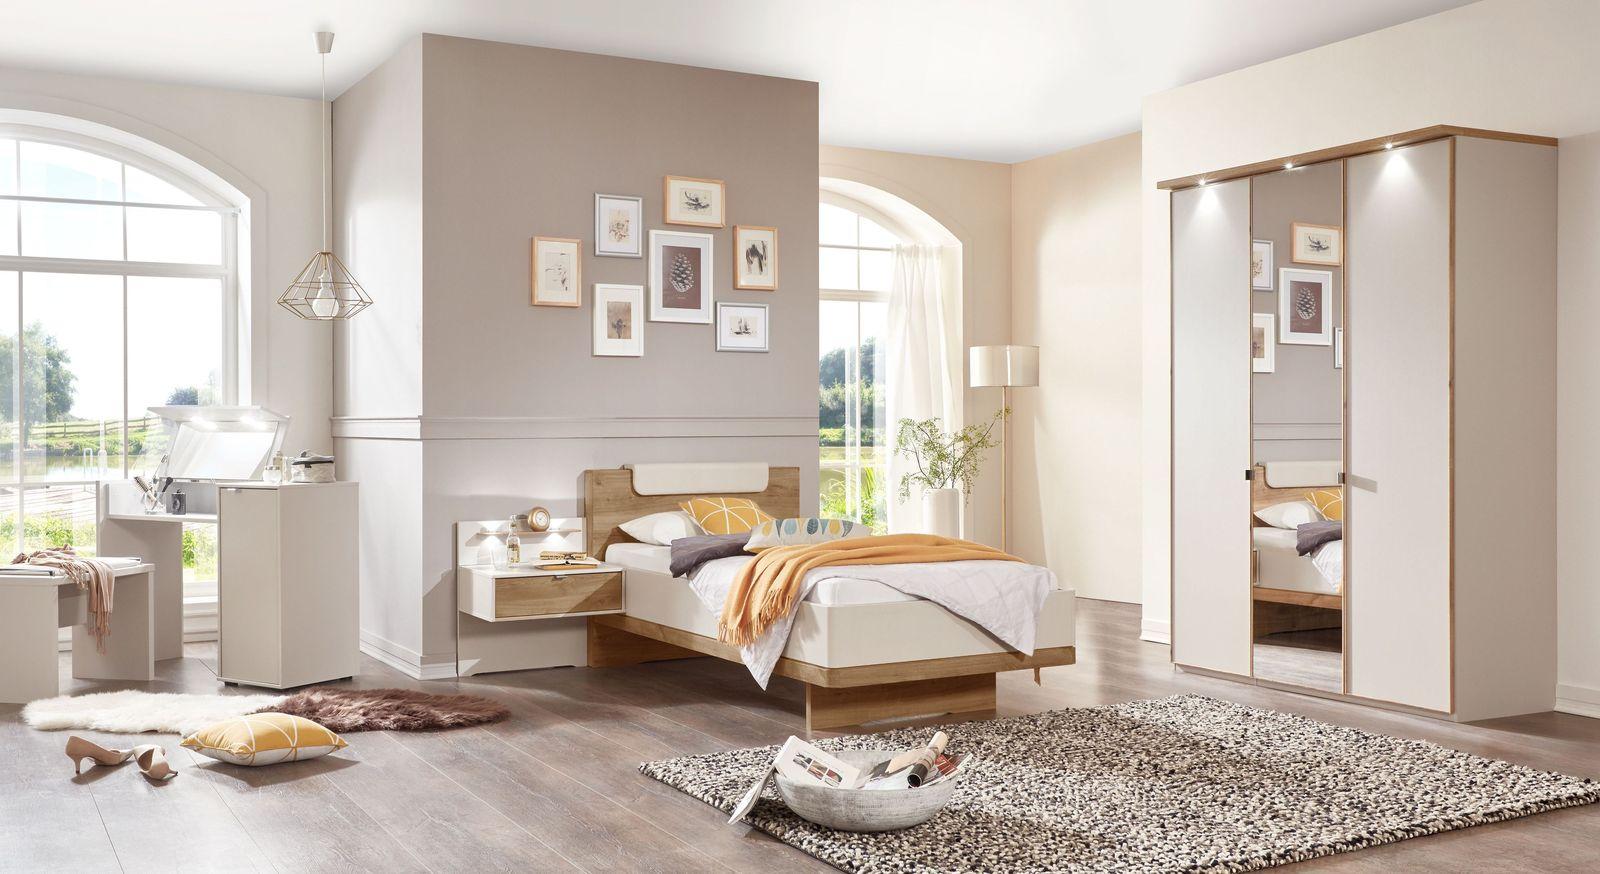 Praktisches Schlafzimmer Dolavon mit Einzelbett und Kleiderschrank